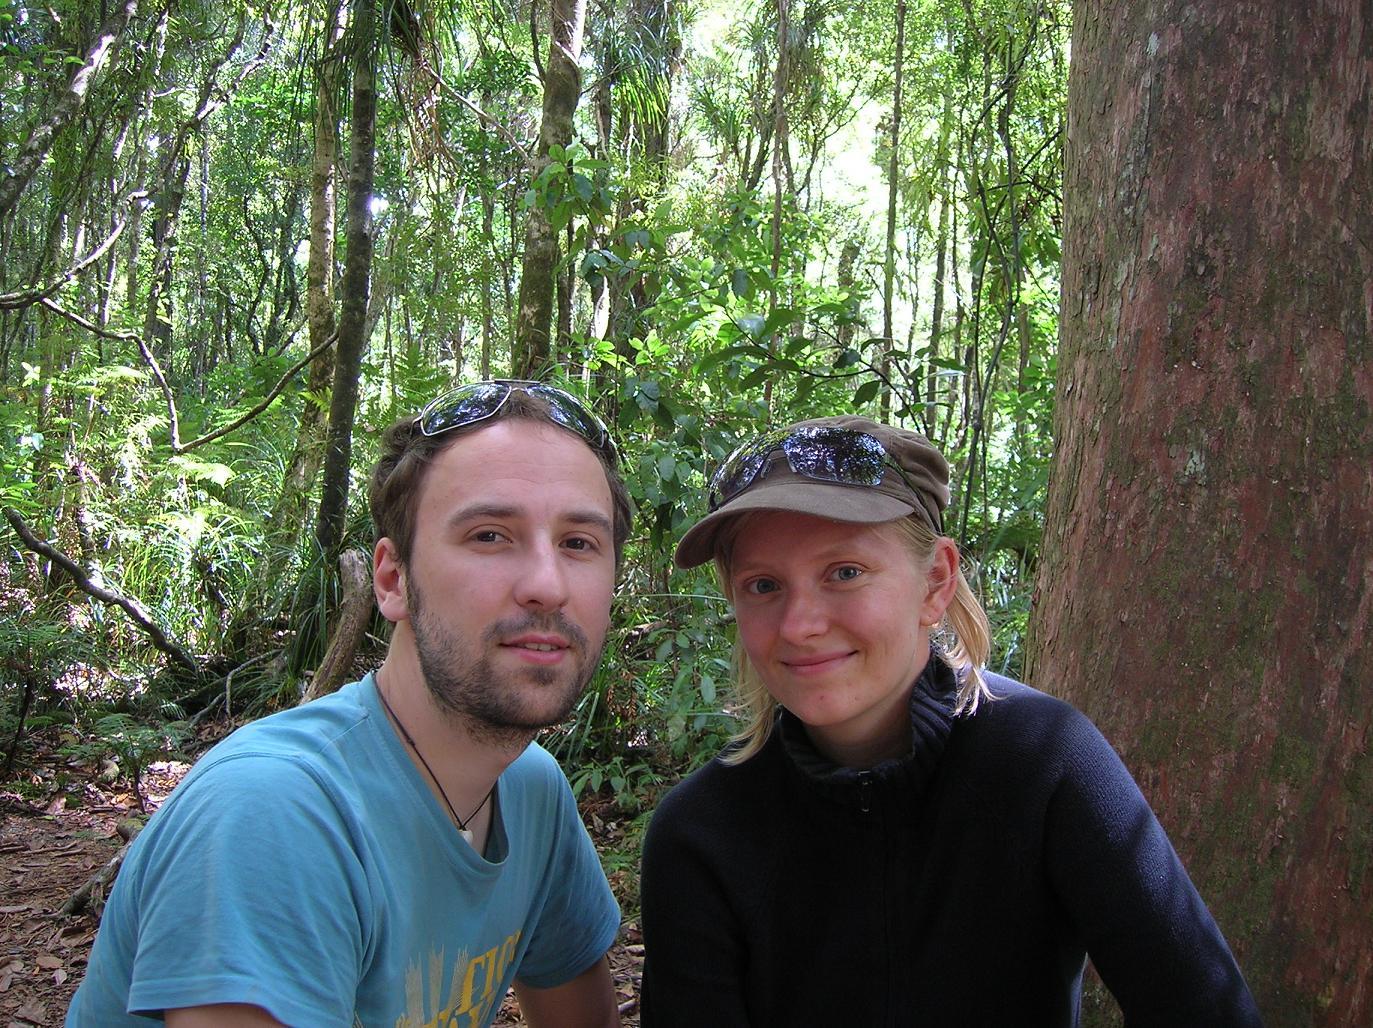 Zwei Männlein stehen im Walde